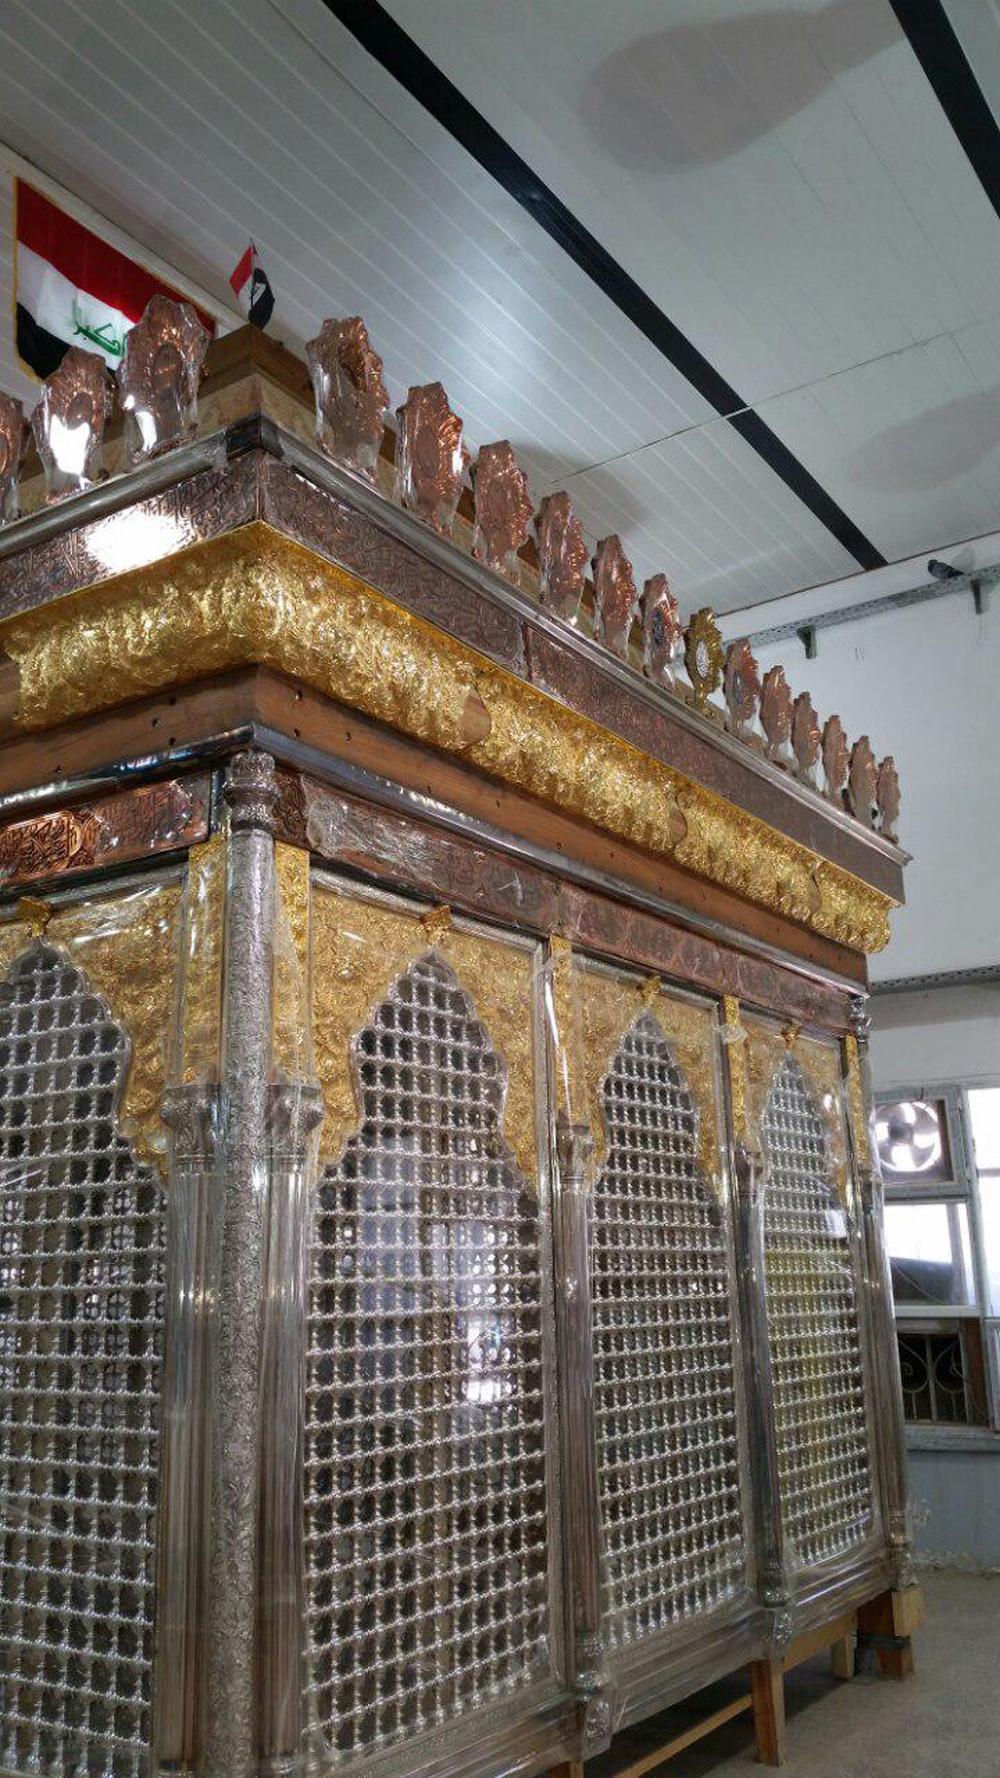 نصب نوار زرین بالای ضریح جدید حضرت عباس (ع) بر روی سازه چوبی آن